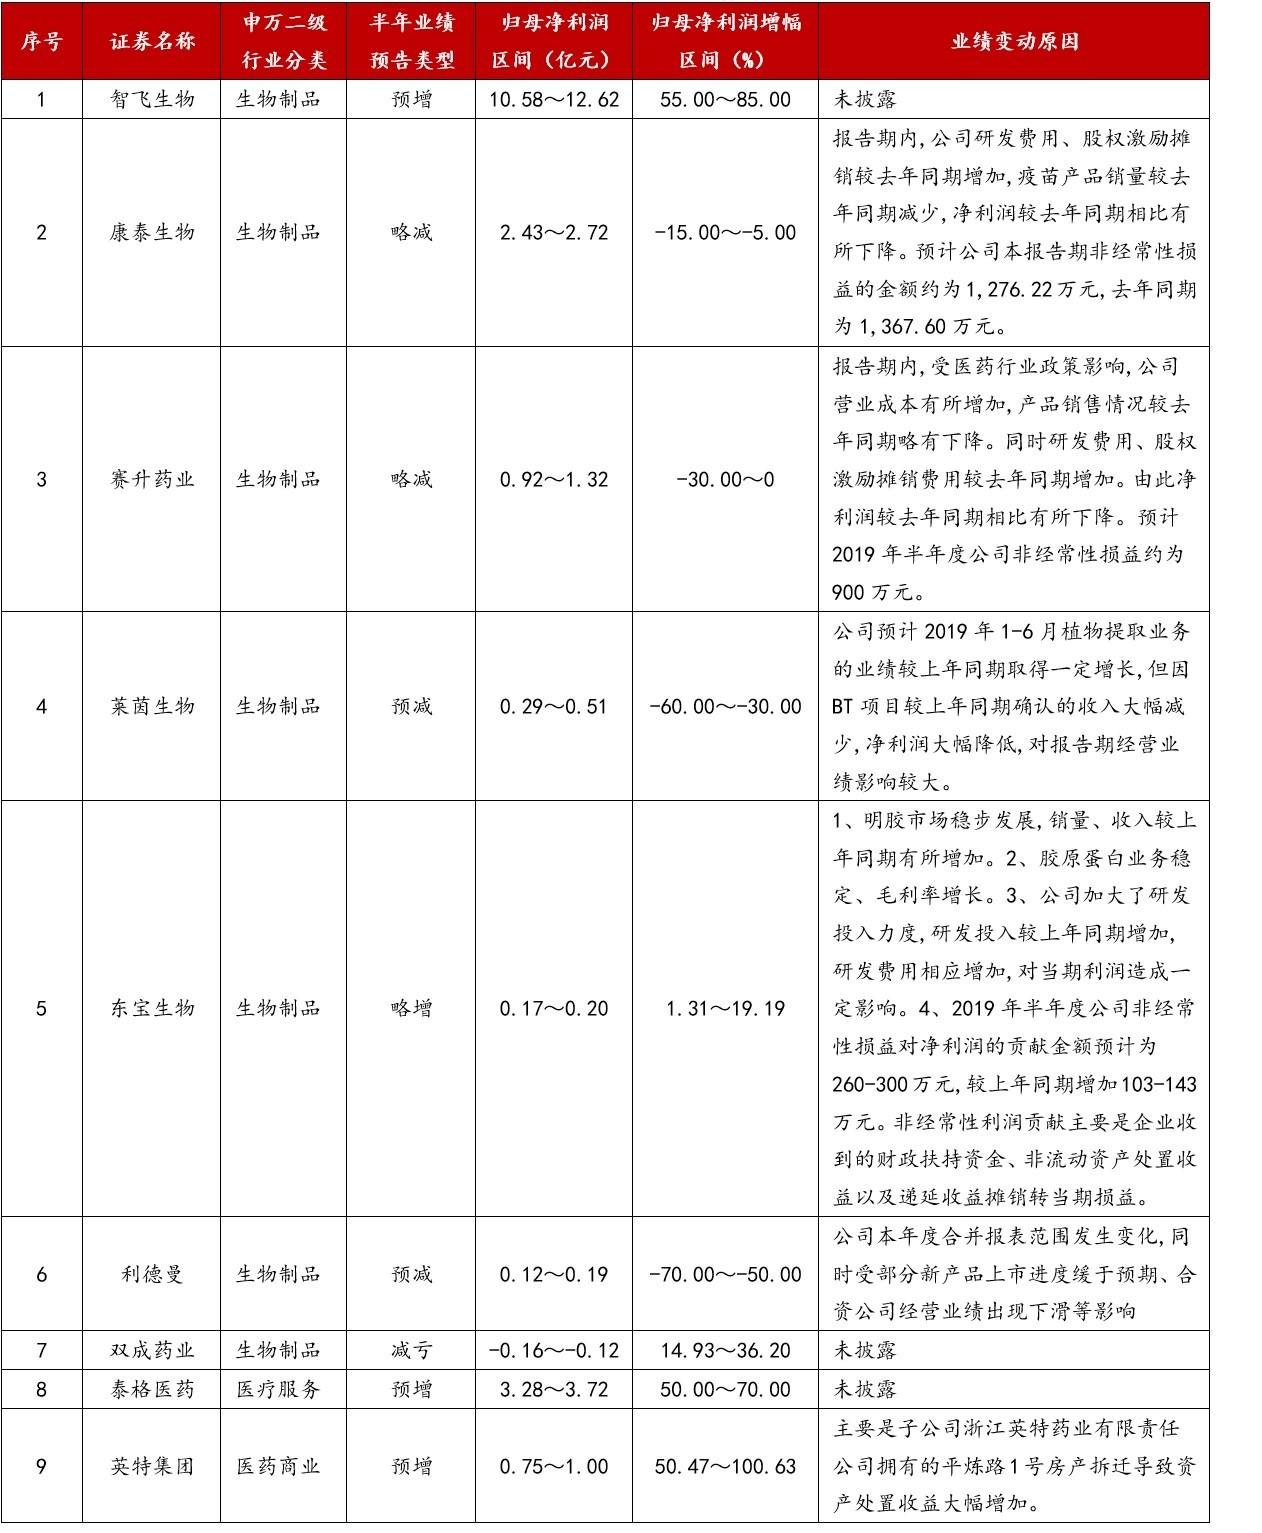 """4. """"非药""""板块业绩预告(9家).jpg"""